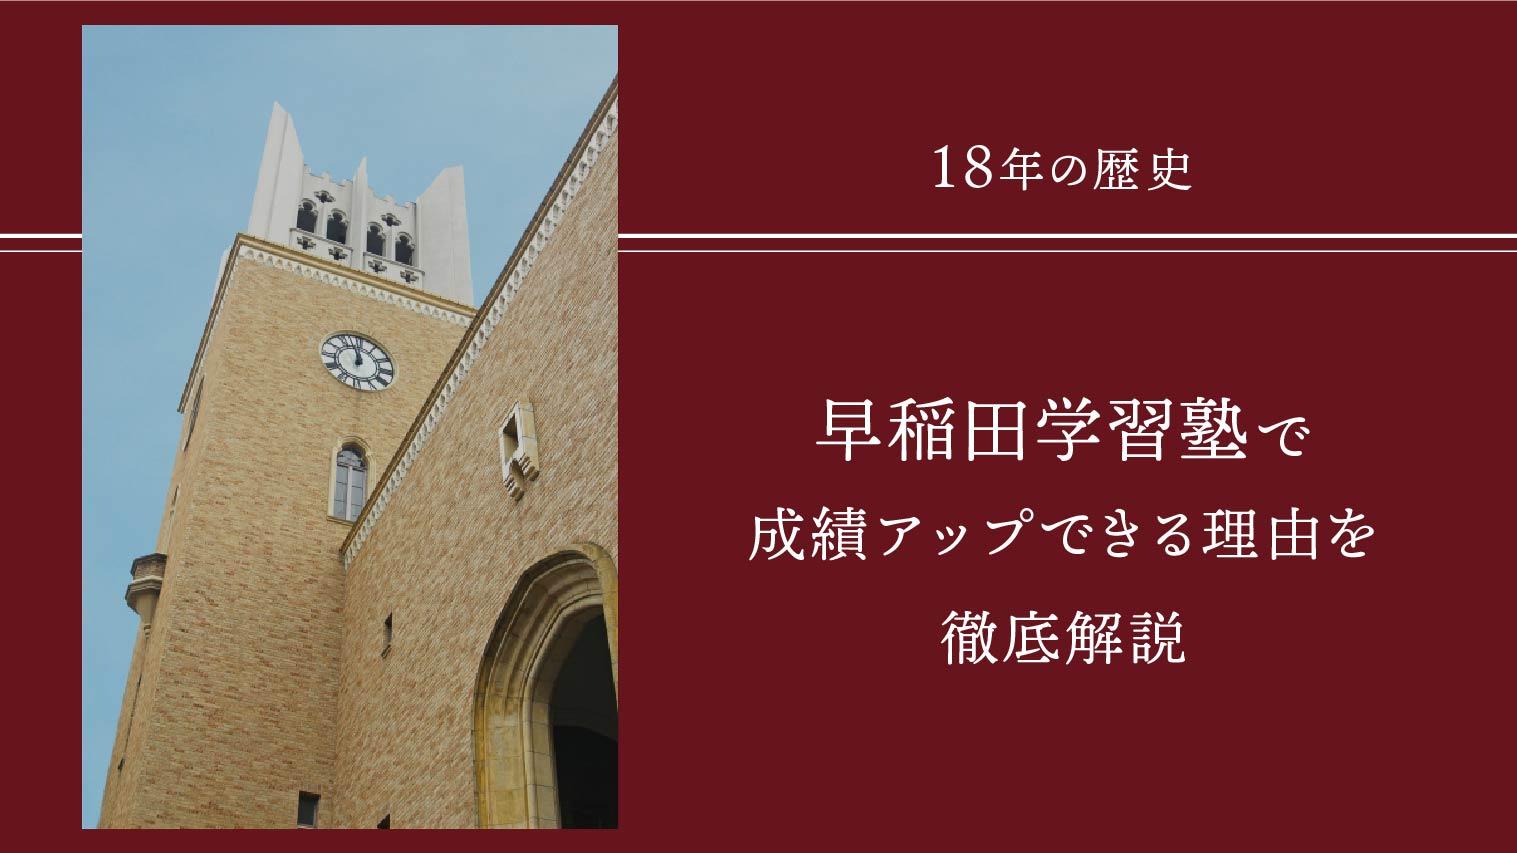 【18年の歴史】早稲田学習塾で成績UPできる理由を徹底解説